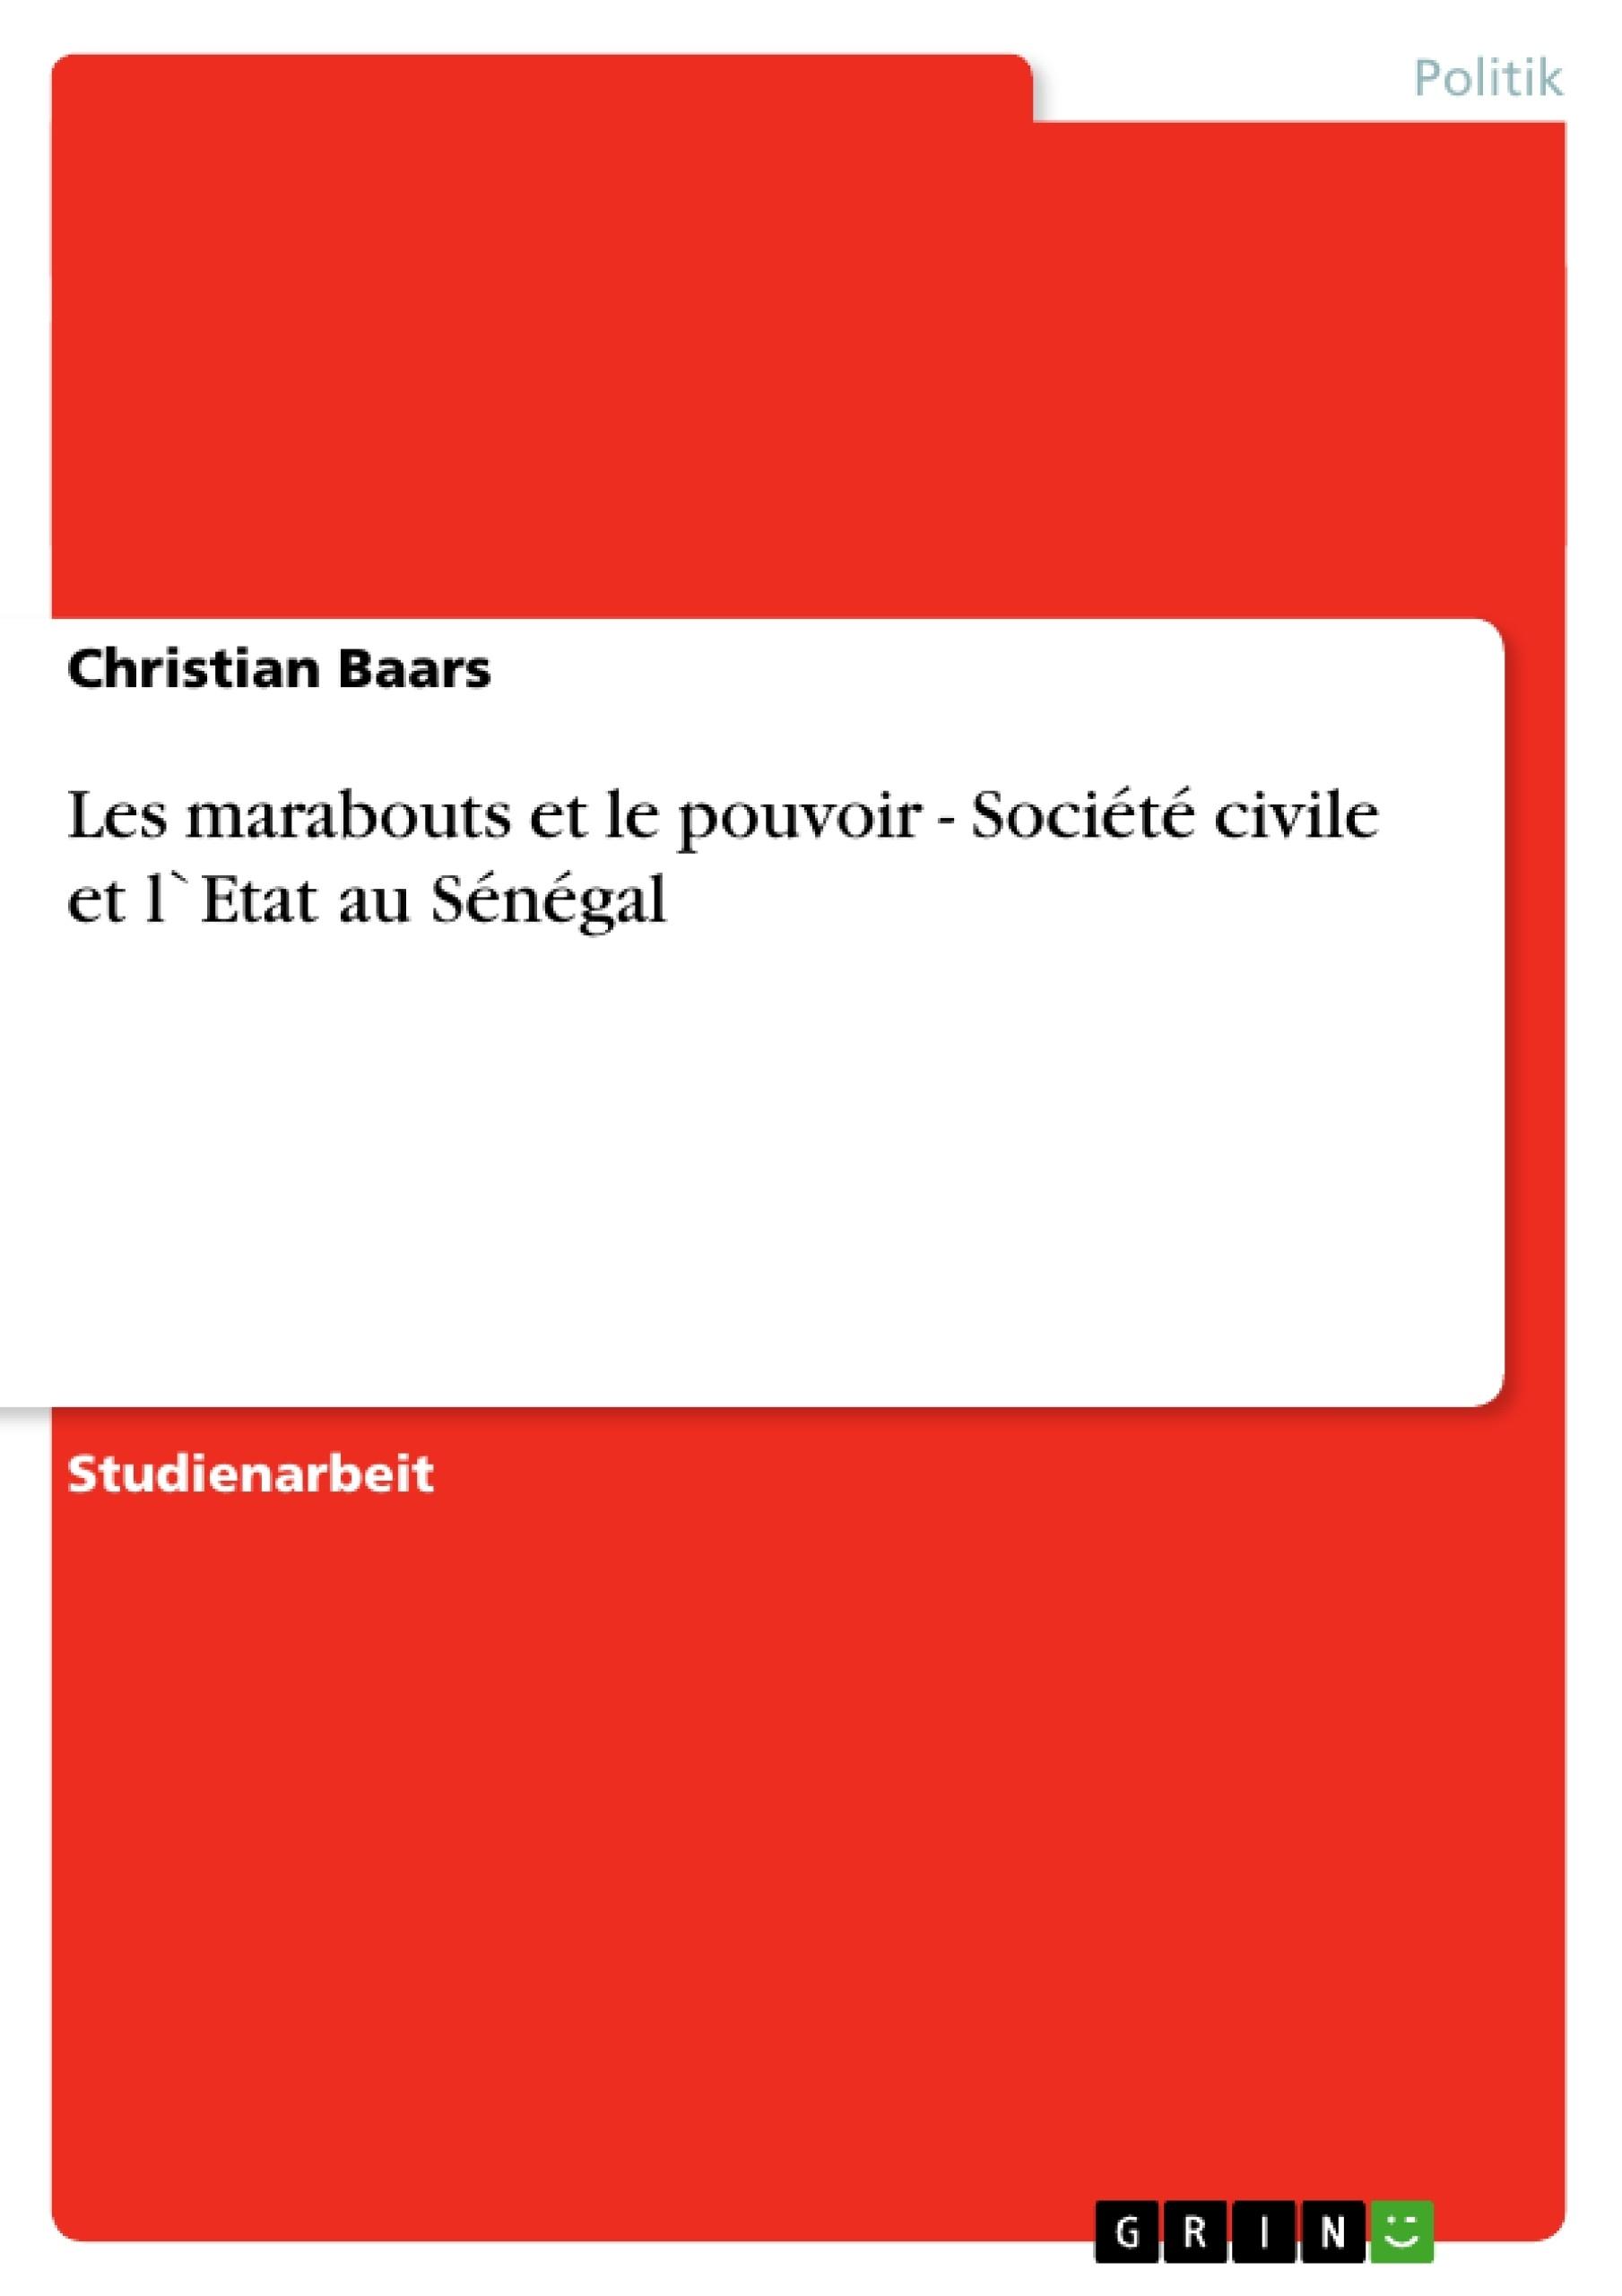 Titel: Les marabouts et le pouvoir - Société civile et l`Etat au Sénégal